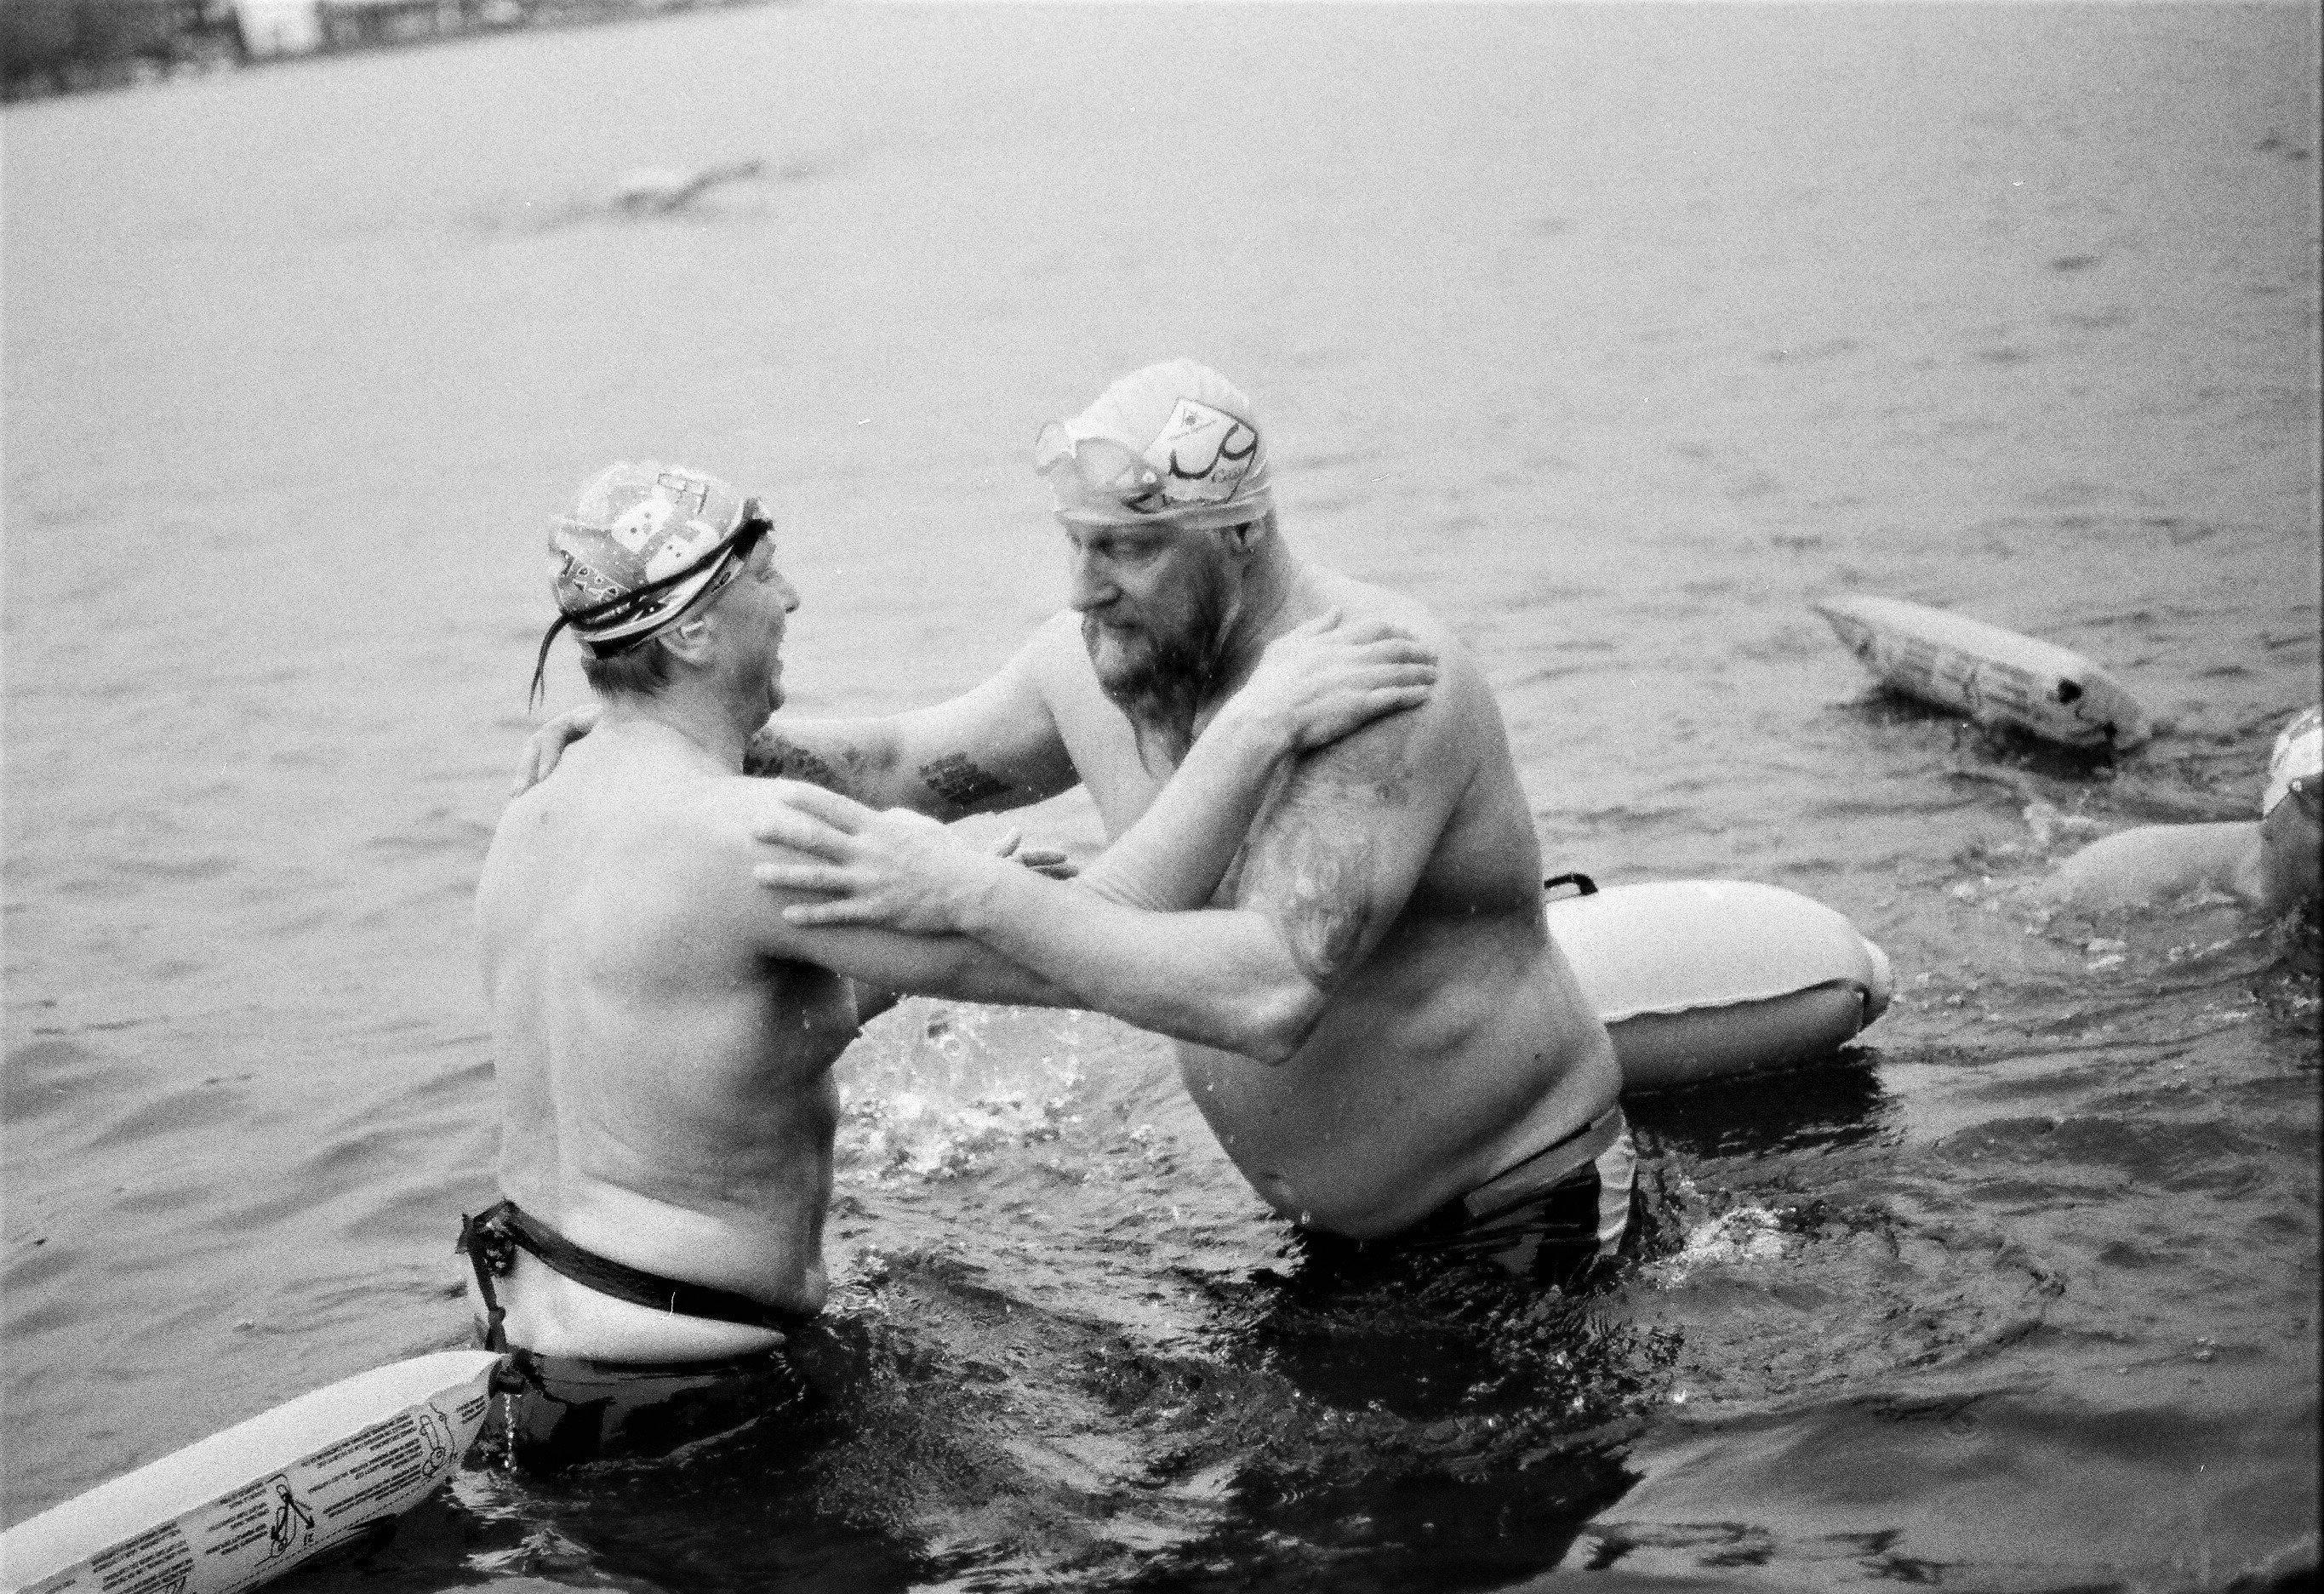 Zwei Männer nur in Badehose im eiskalten Wasser stehend.